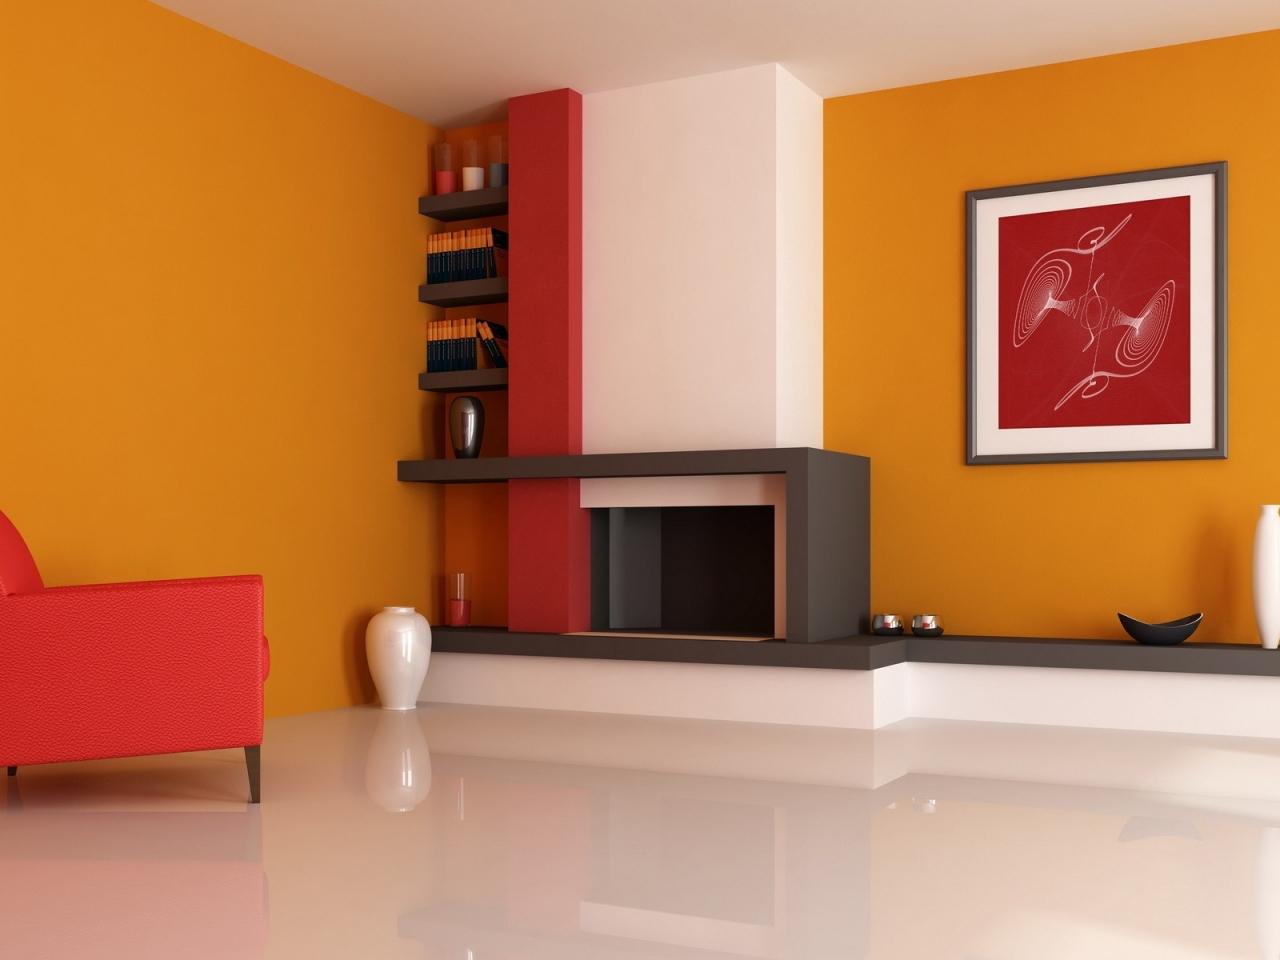 Decoración de una casa - 1280x960